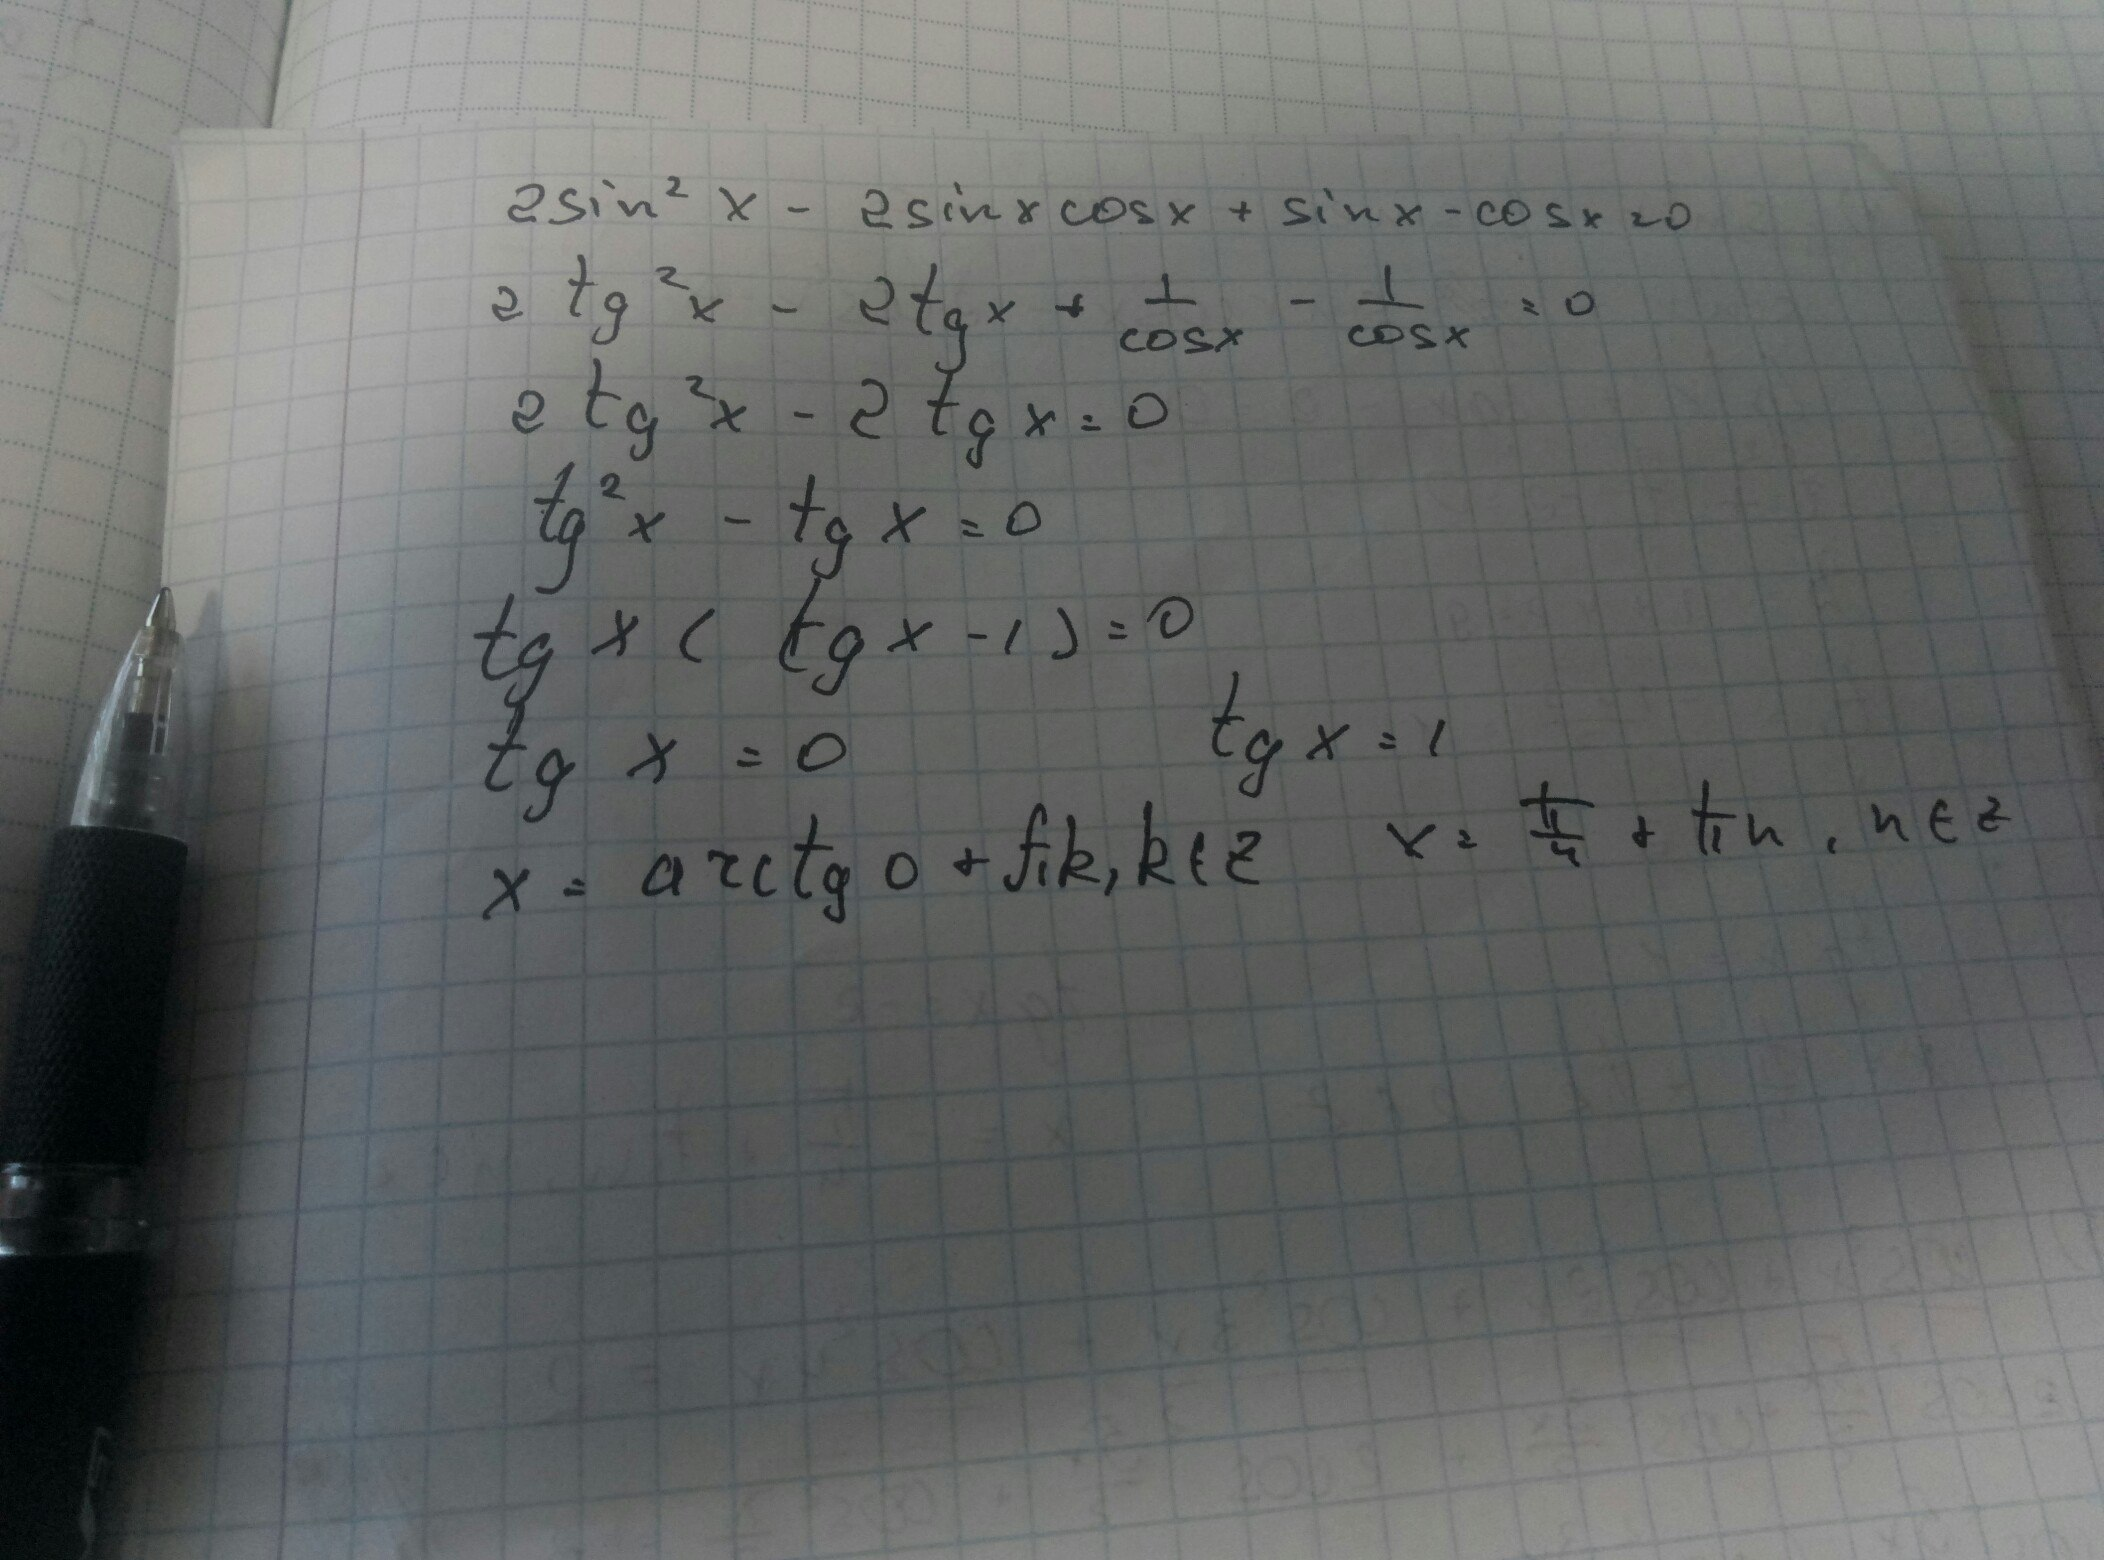 2sin^2x-Sin2x+sinx=cosx Помогите решить!!! Срочно ...